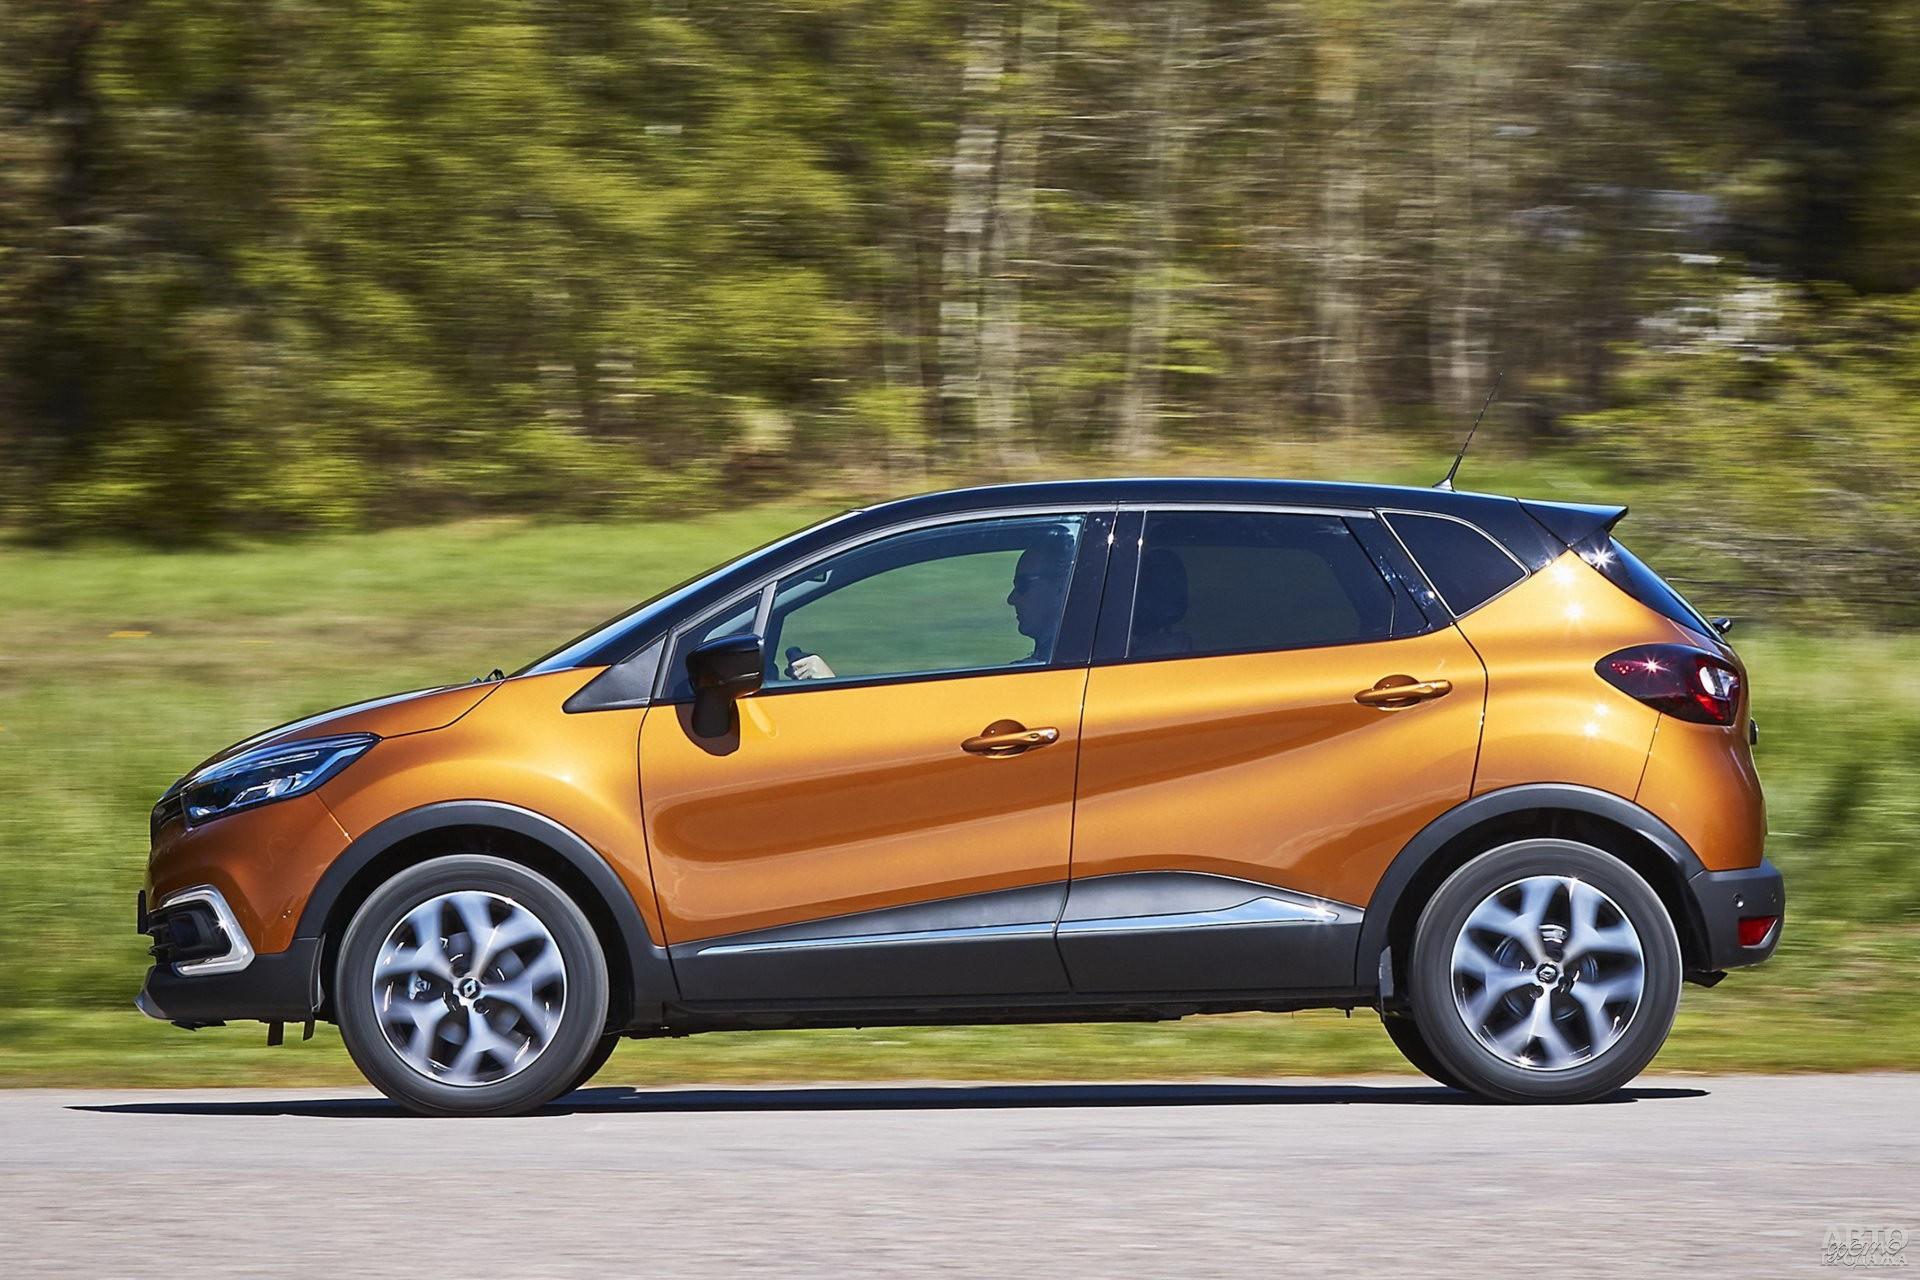 У Renault стремительный дизайн